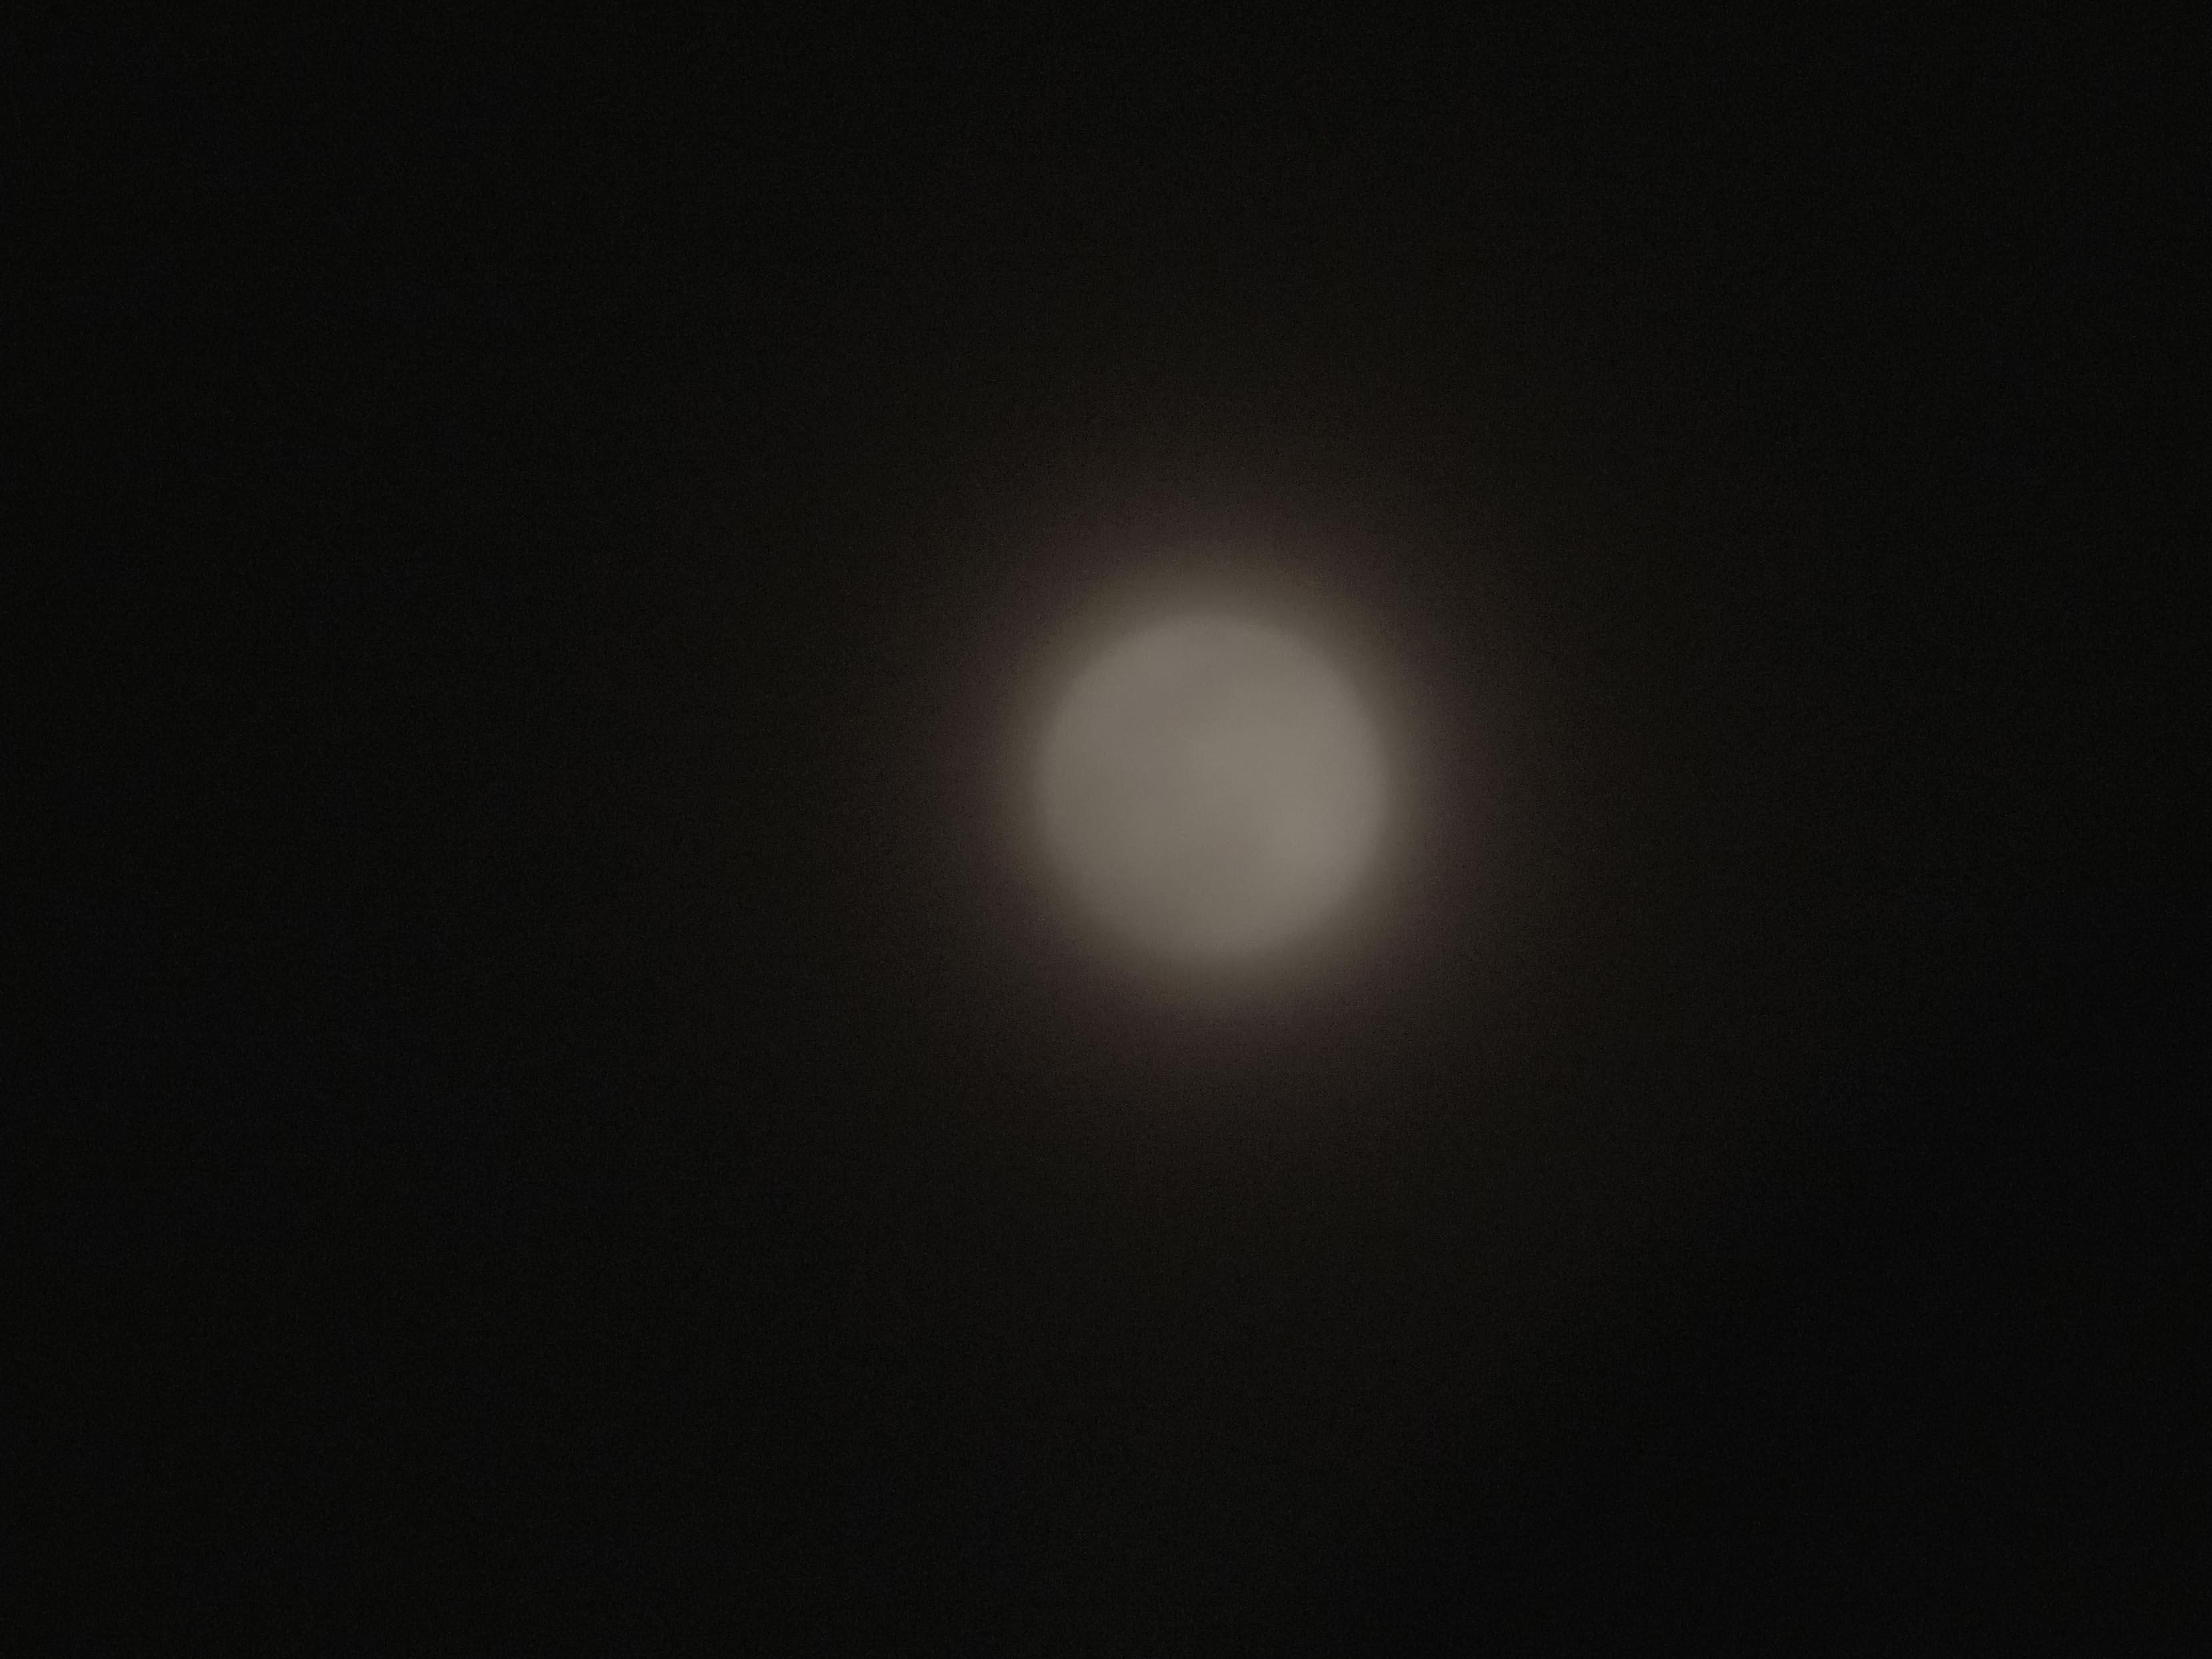 相机210mm长焦拍月亮